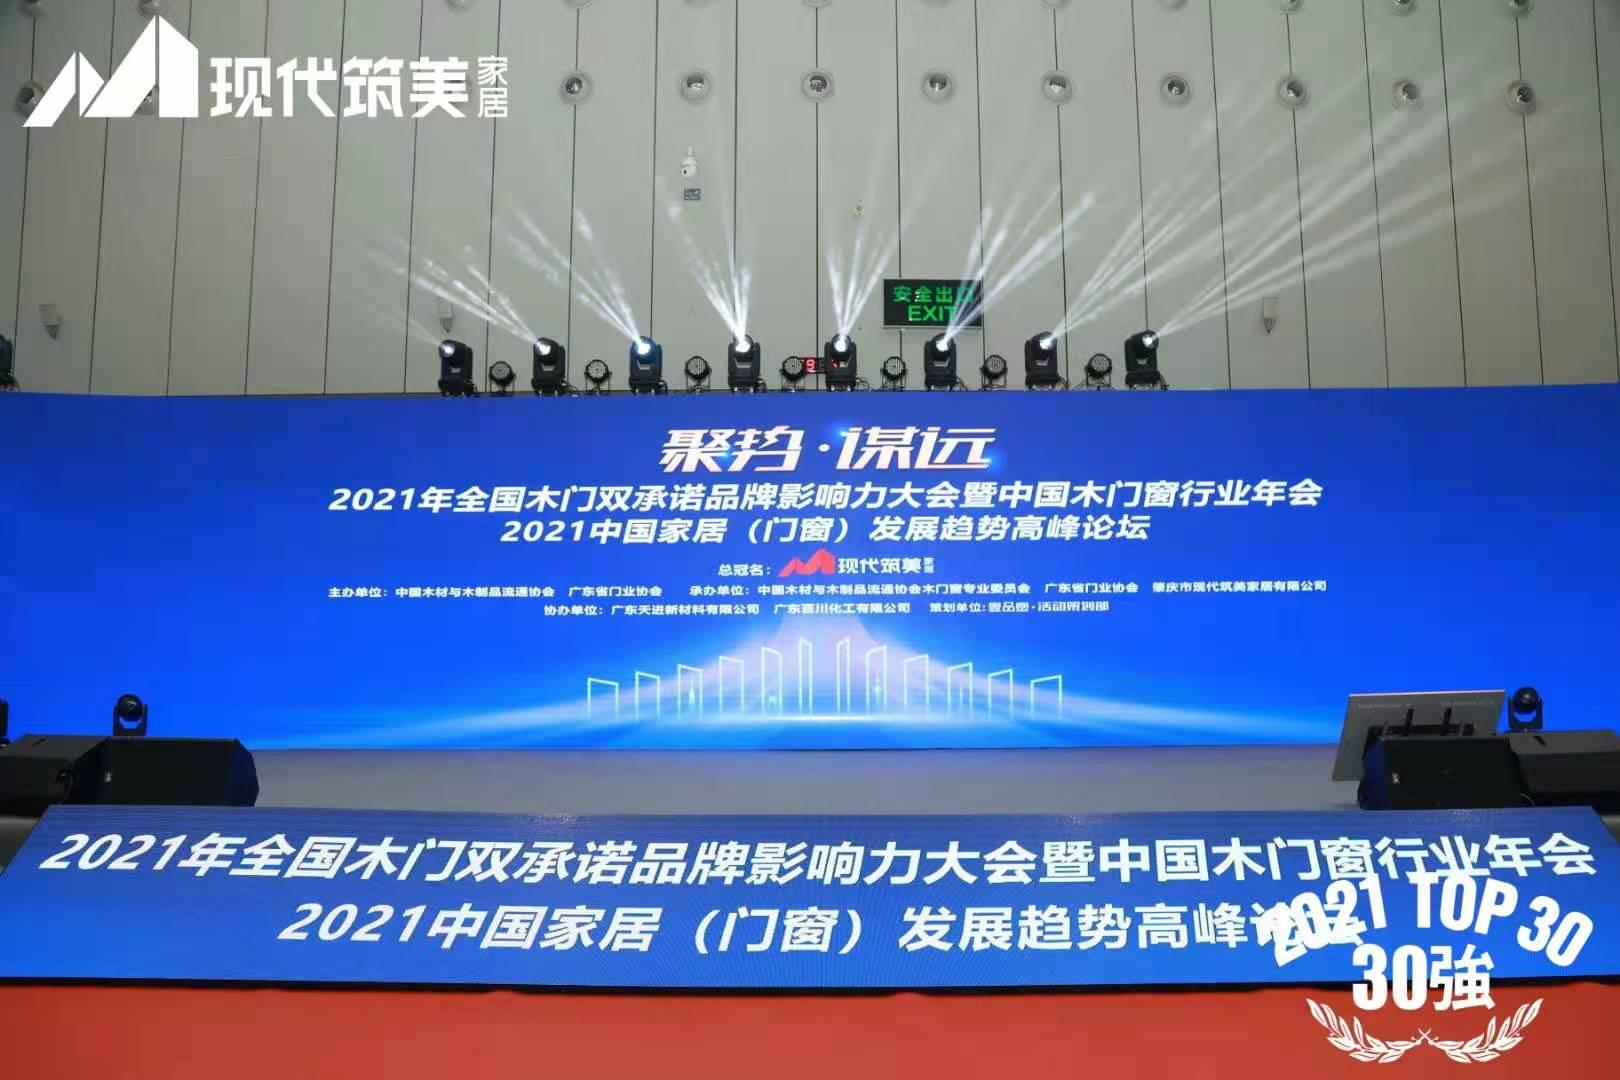 【资讯】 聚势・谋远丨2021年全国木门双承诺品牌影响力大会暨中国木门窗行业年会在广东佛山成功召开